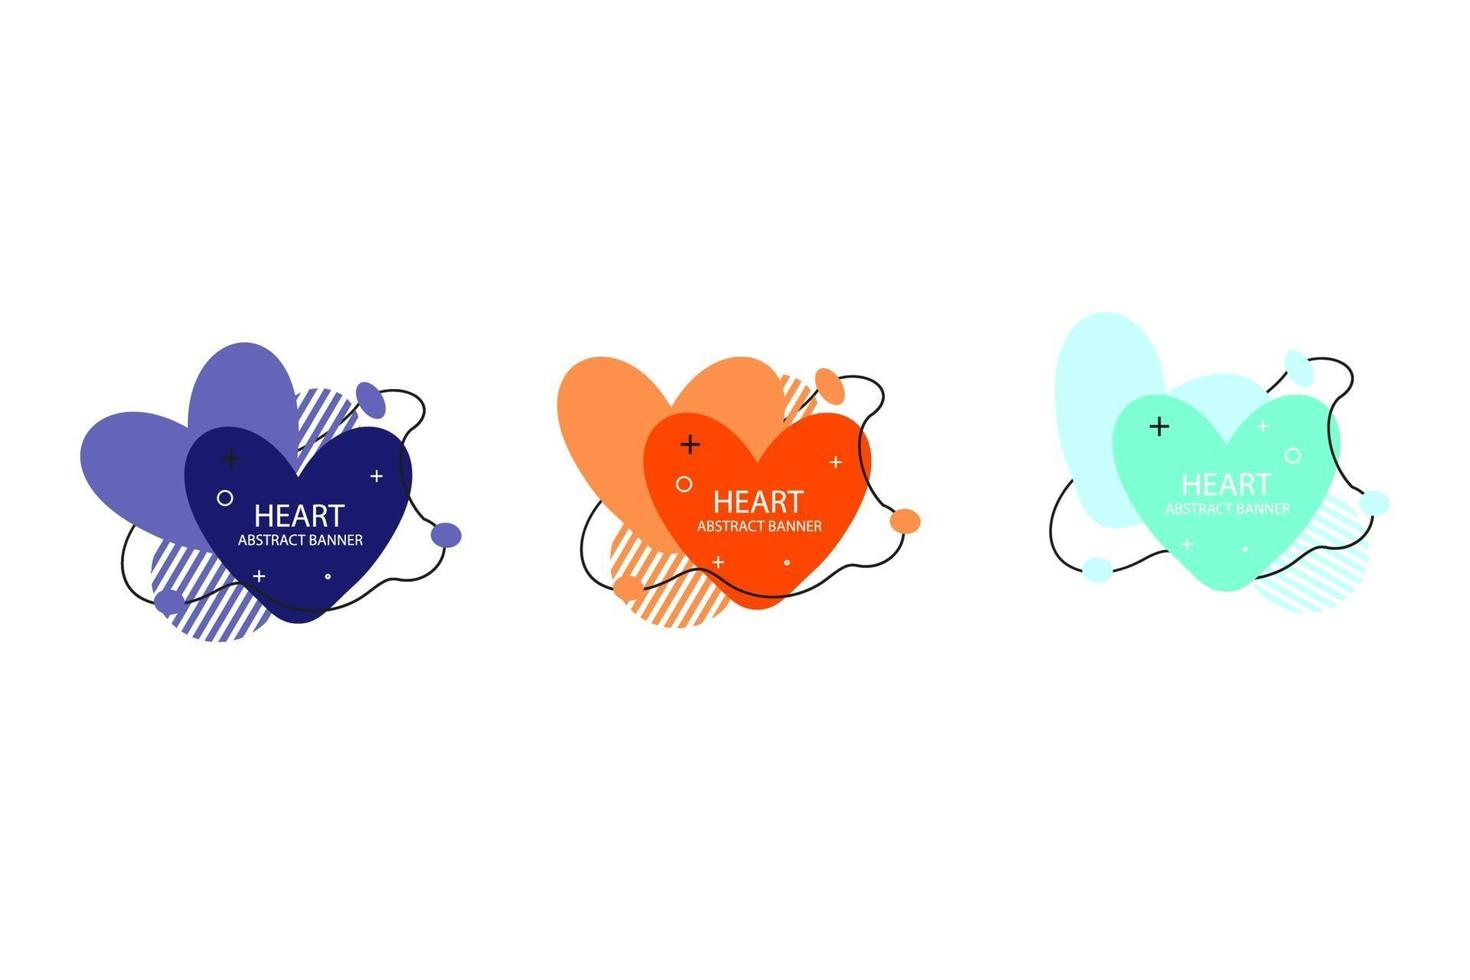 twee harten abstracte bannercollecties. organische of vloeiende vormen met verschillende zachte kleuren. bruikbaar voor web, sociale media, print, banner, achtergrond, achtergrondsjabloon. Valentijnsdag viering vector